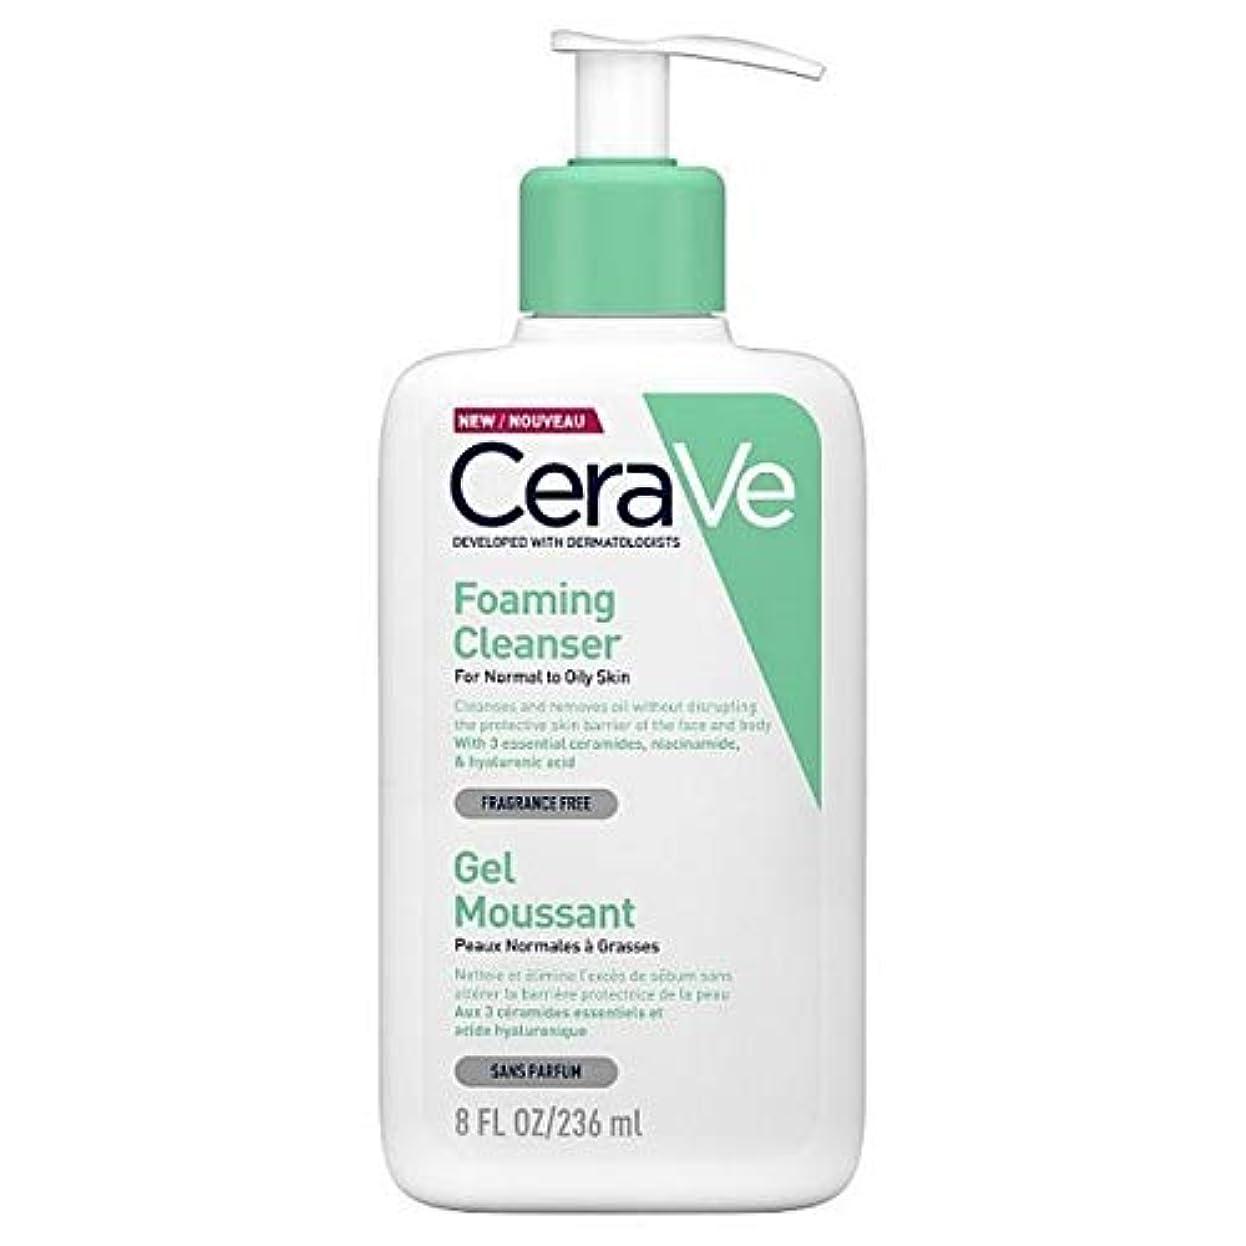 アーカイブ抗議やりすぎ[CeraVe] Ceraveフォーミングクレンザーの236ミリリットル - CeraVe Foaming Cleanser 236ml [並行輸入品]